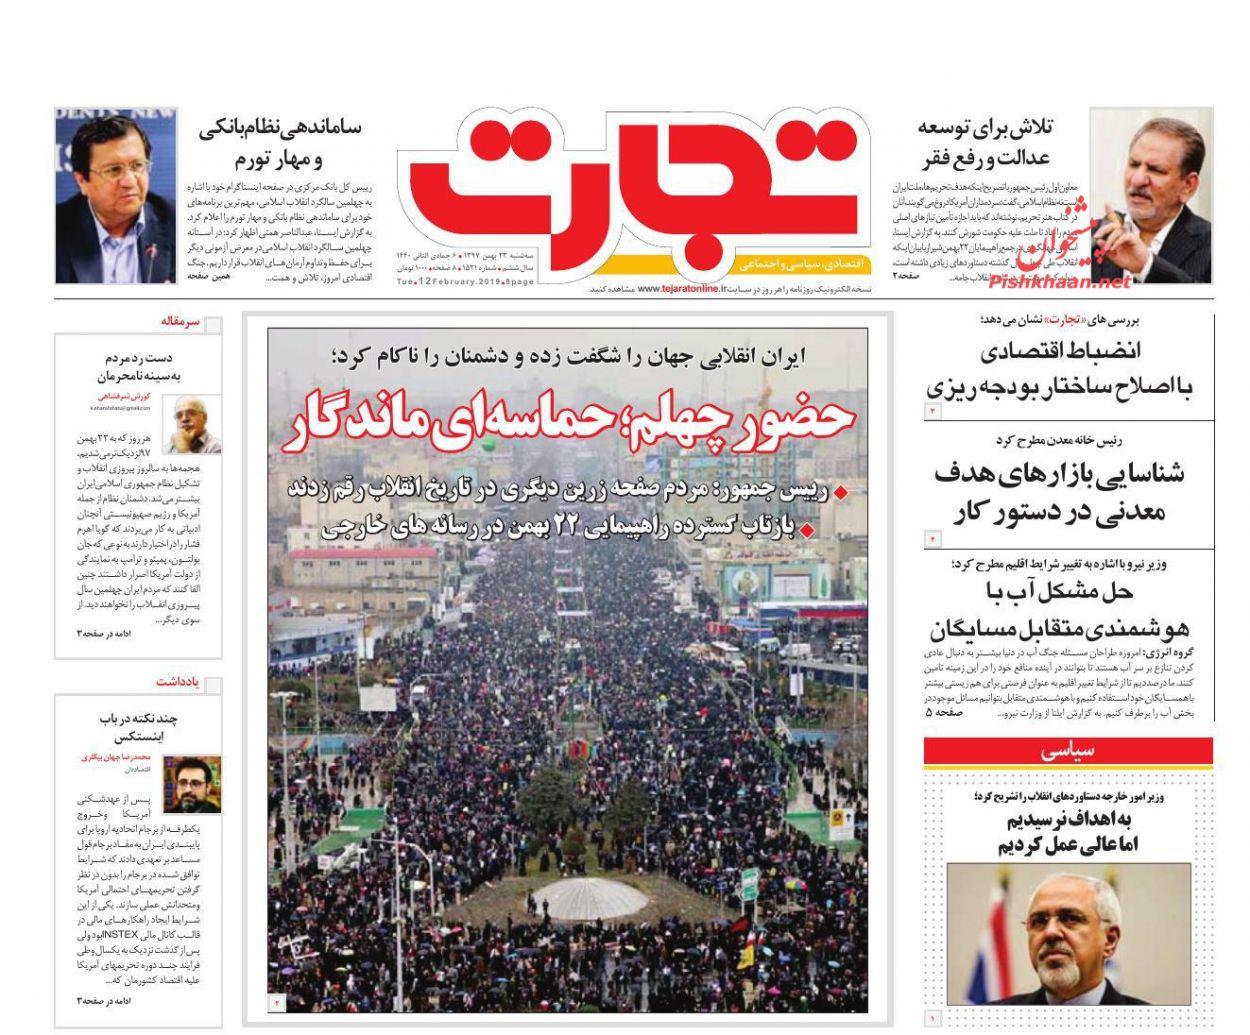 تیتر روزنامههای اقتصادی سه شنبه ۲۳ بهمن ۹۷ - 10